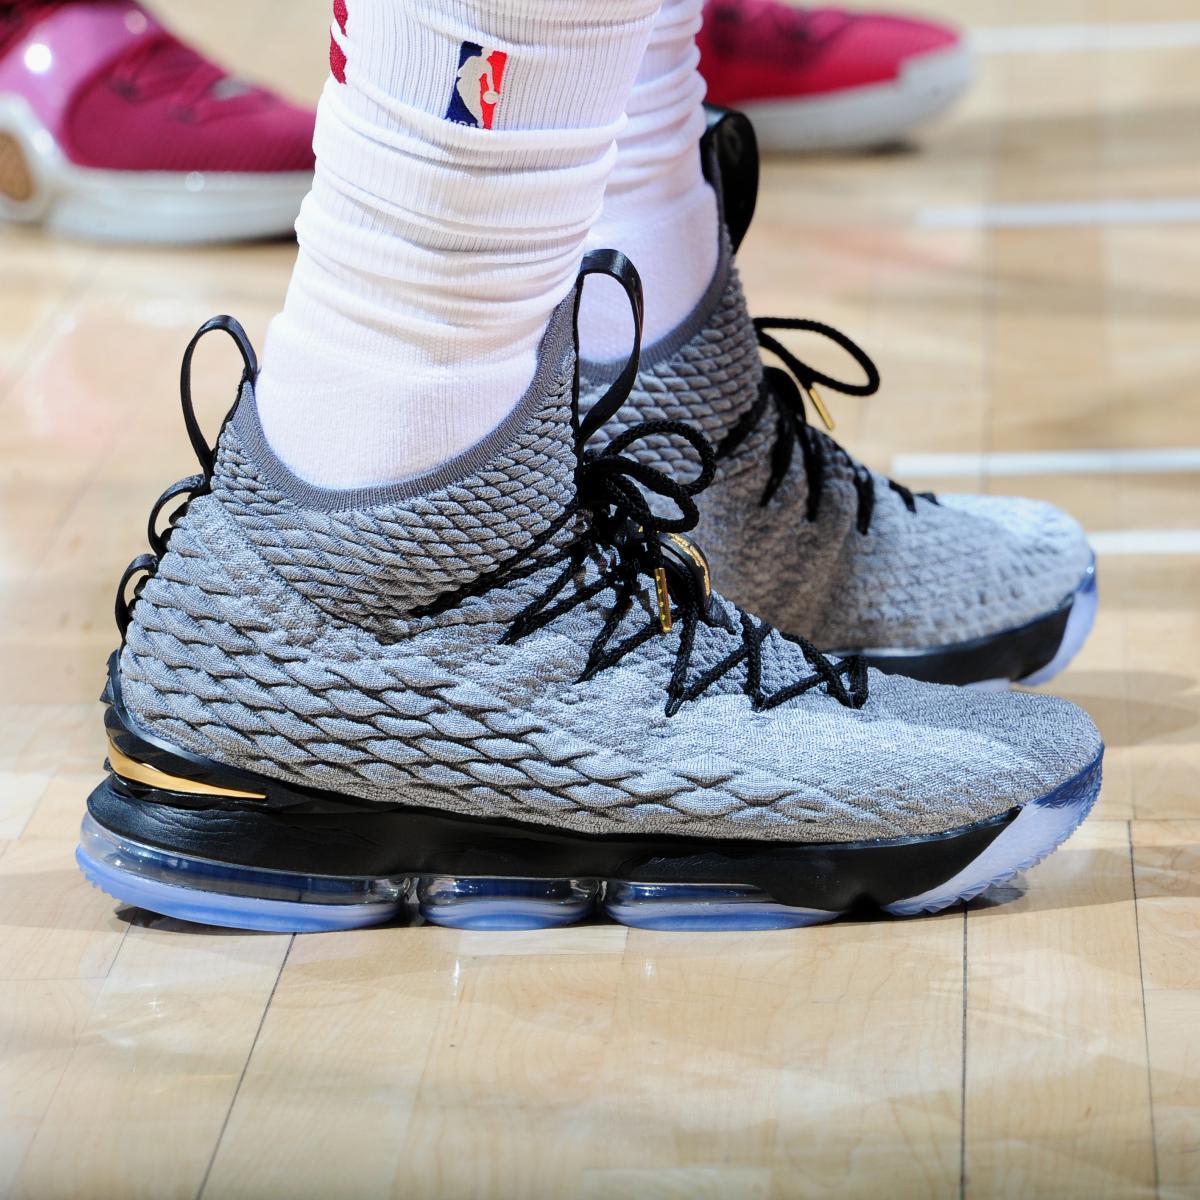 Warriors Timberwolves Full Game Highlights: Best NBA Kicks On Court In November